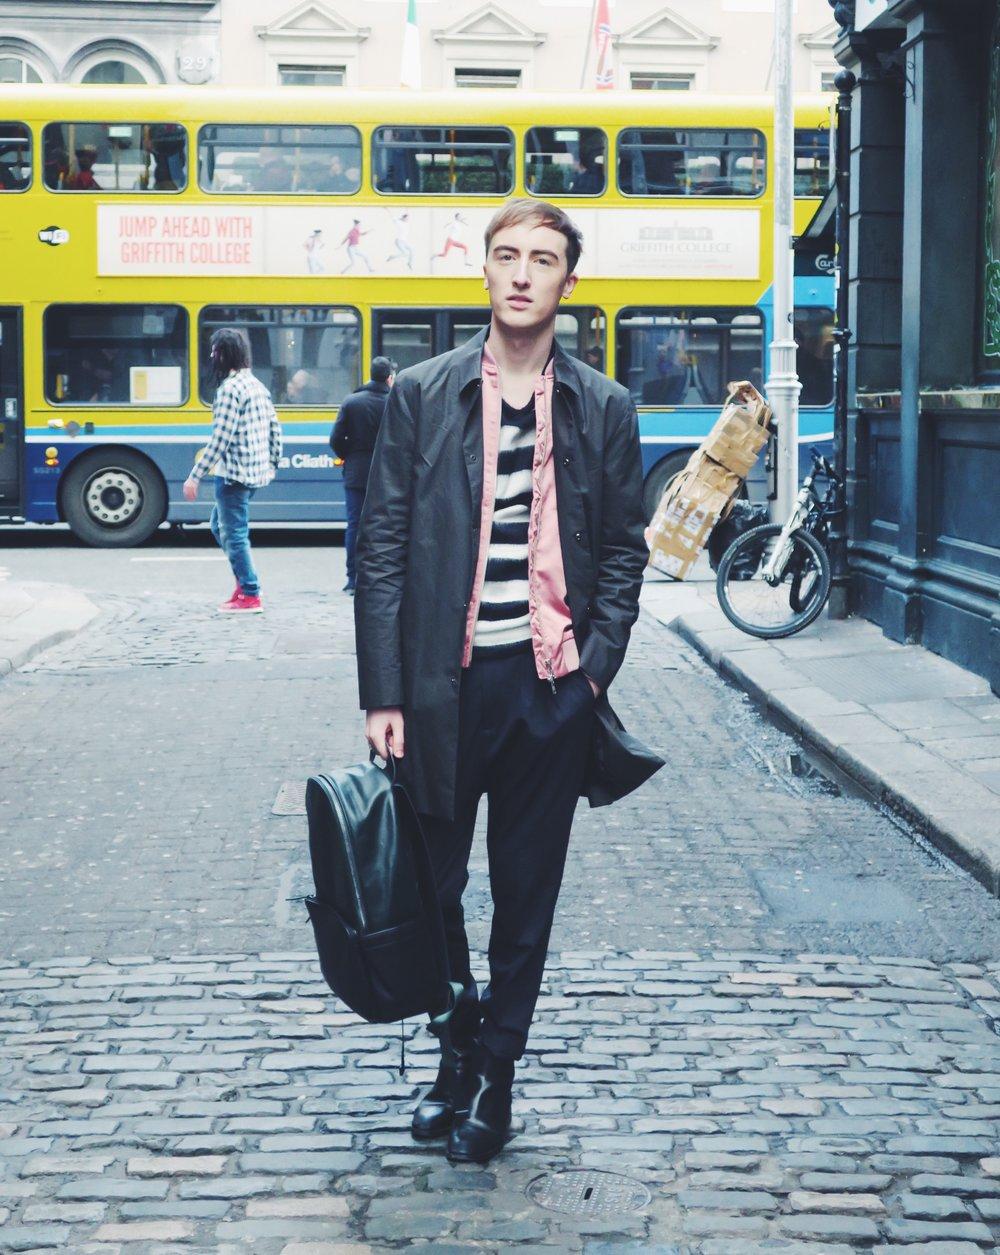 COS jacket - ADPT. bomber jacket via Zalando - Zara sweater - Zara trousers - Zara boots - Zara backpack